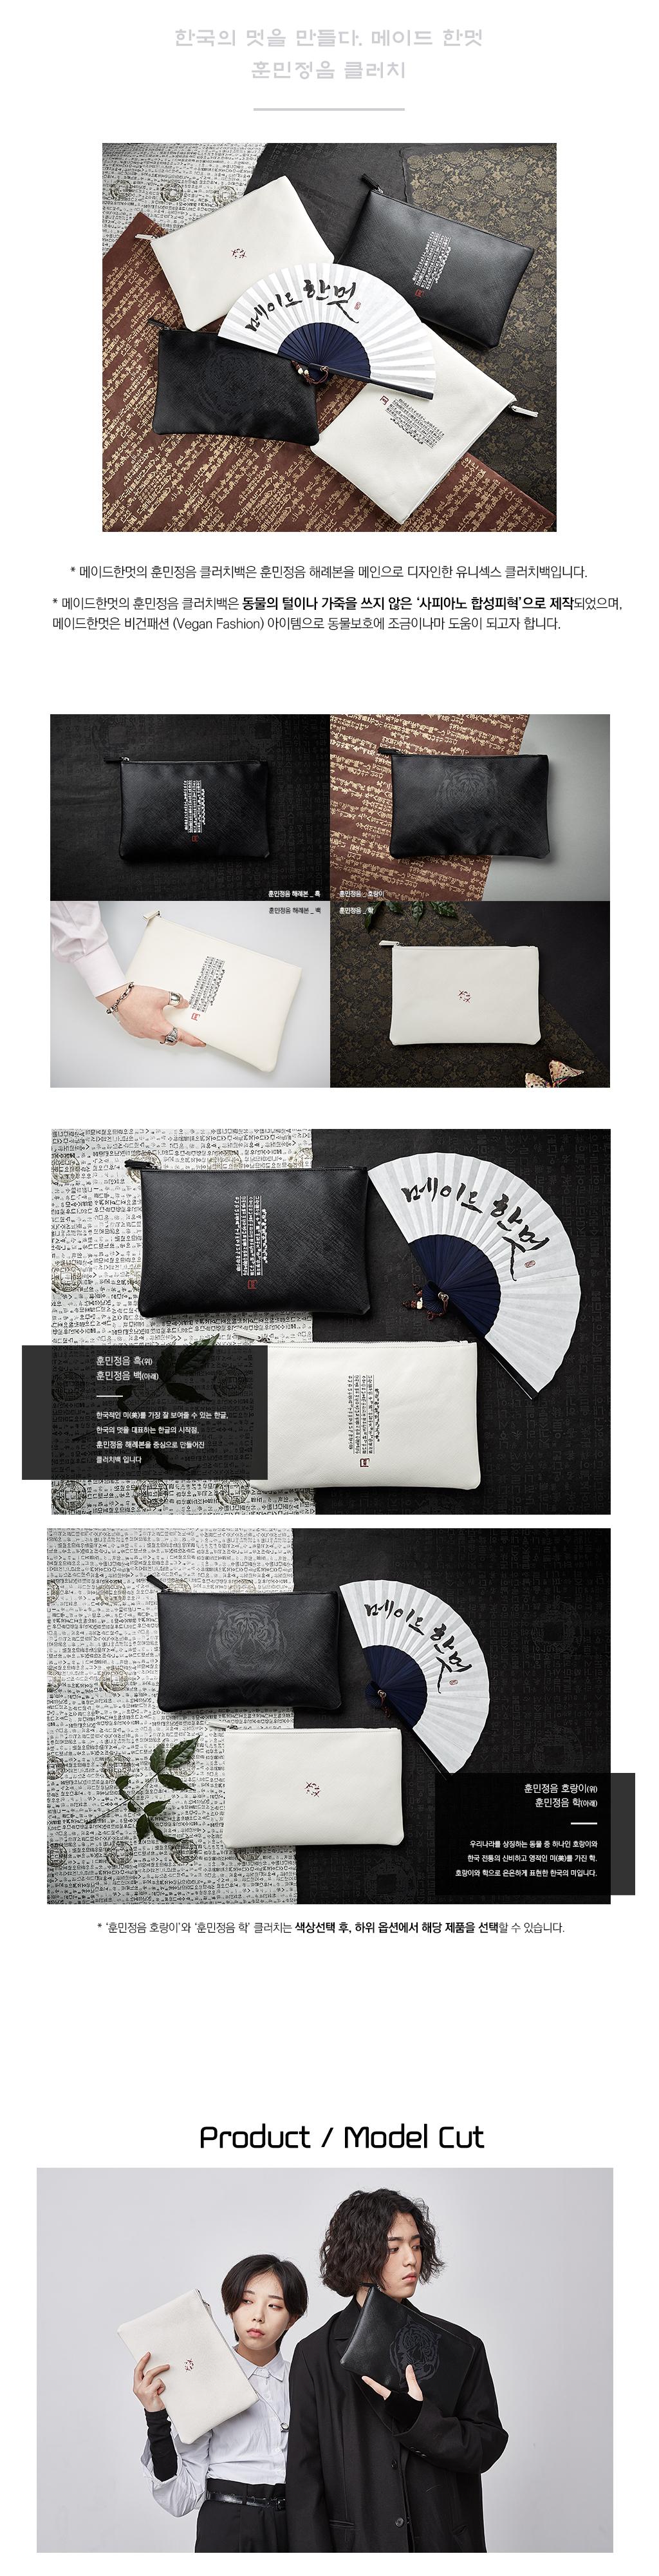 메이드한멋 클러치백(훈민정음) - 메이드한멋, 79,000원, 클러치백, 인조가죽클러치백